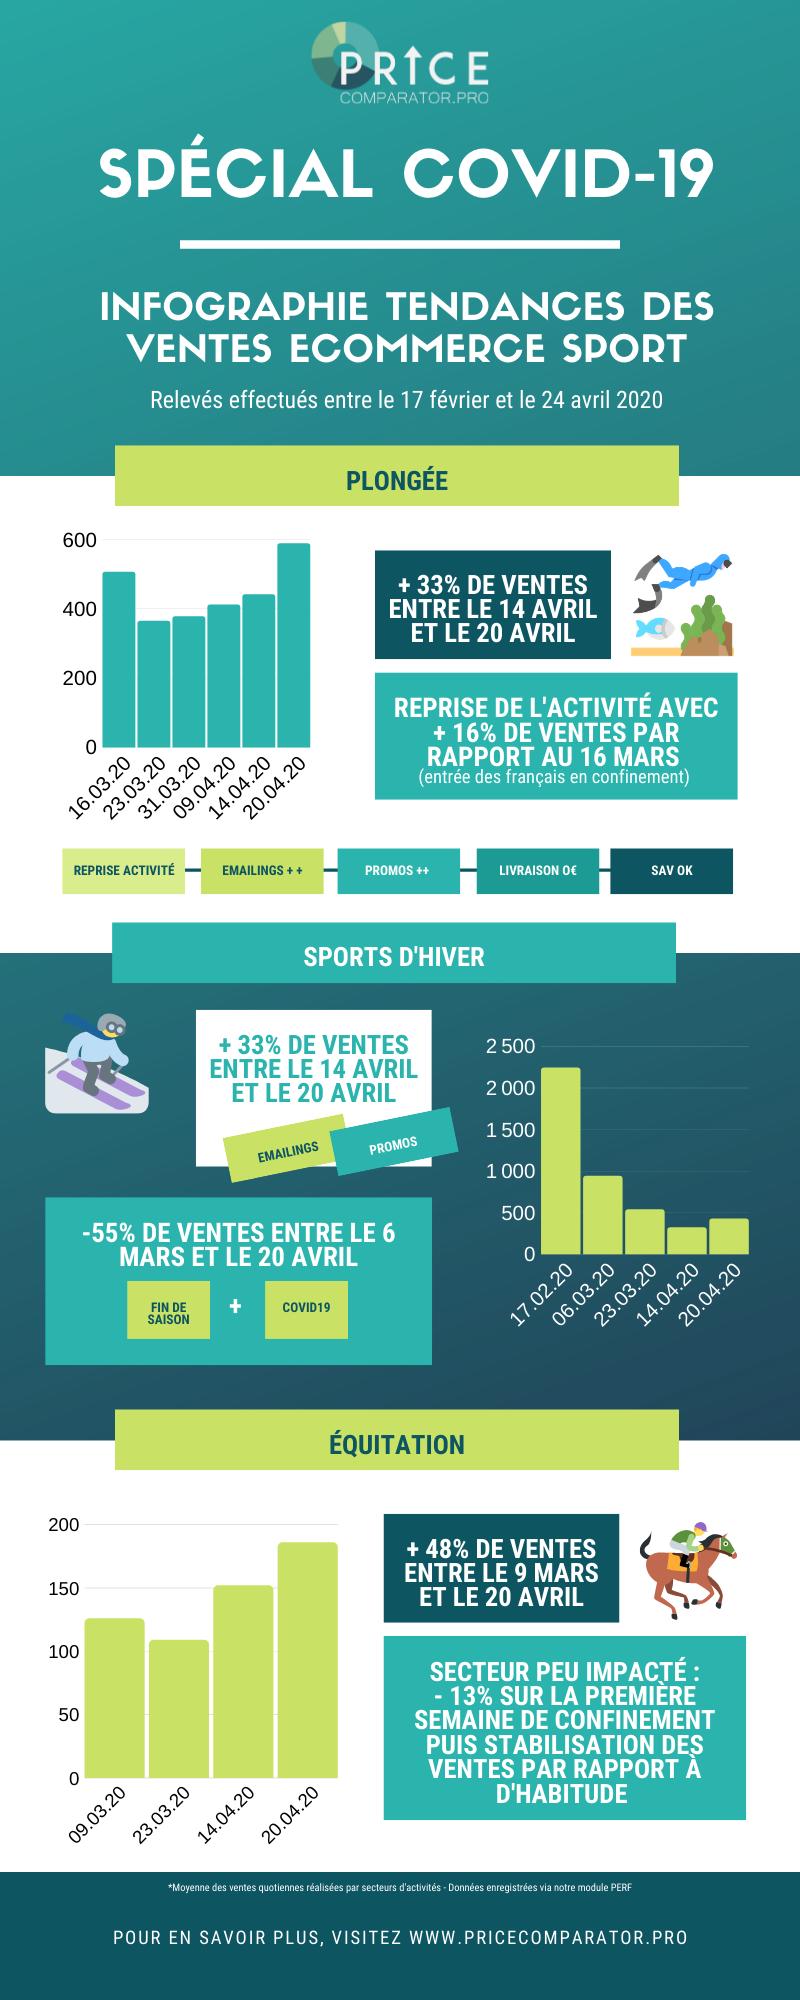 Infographie des tendances ecommerce - covid19